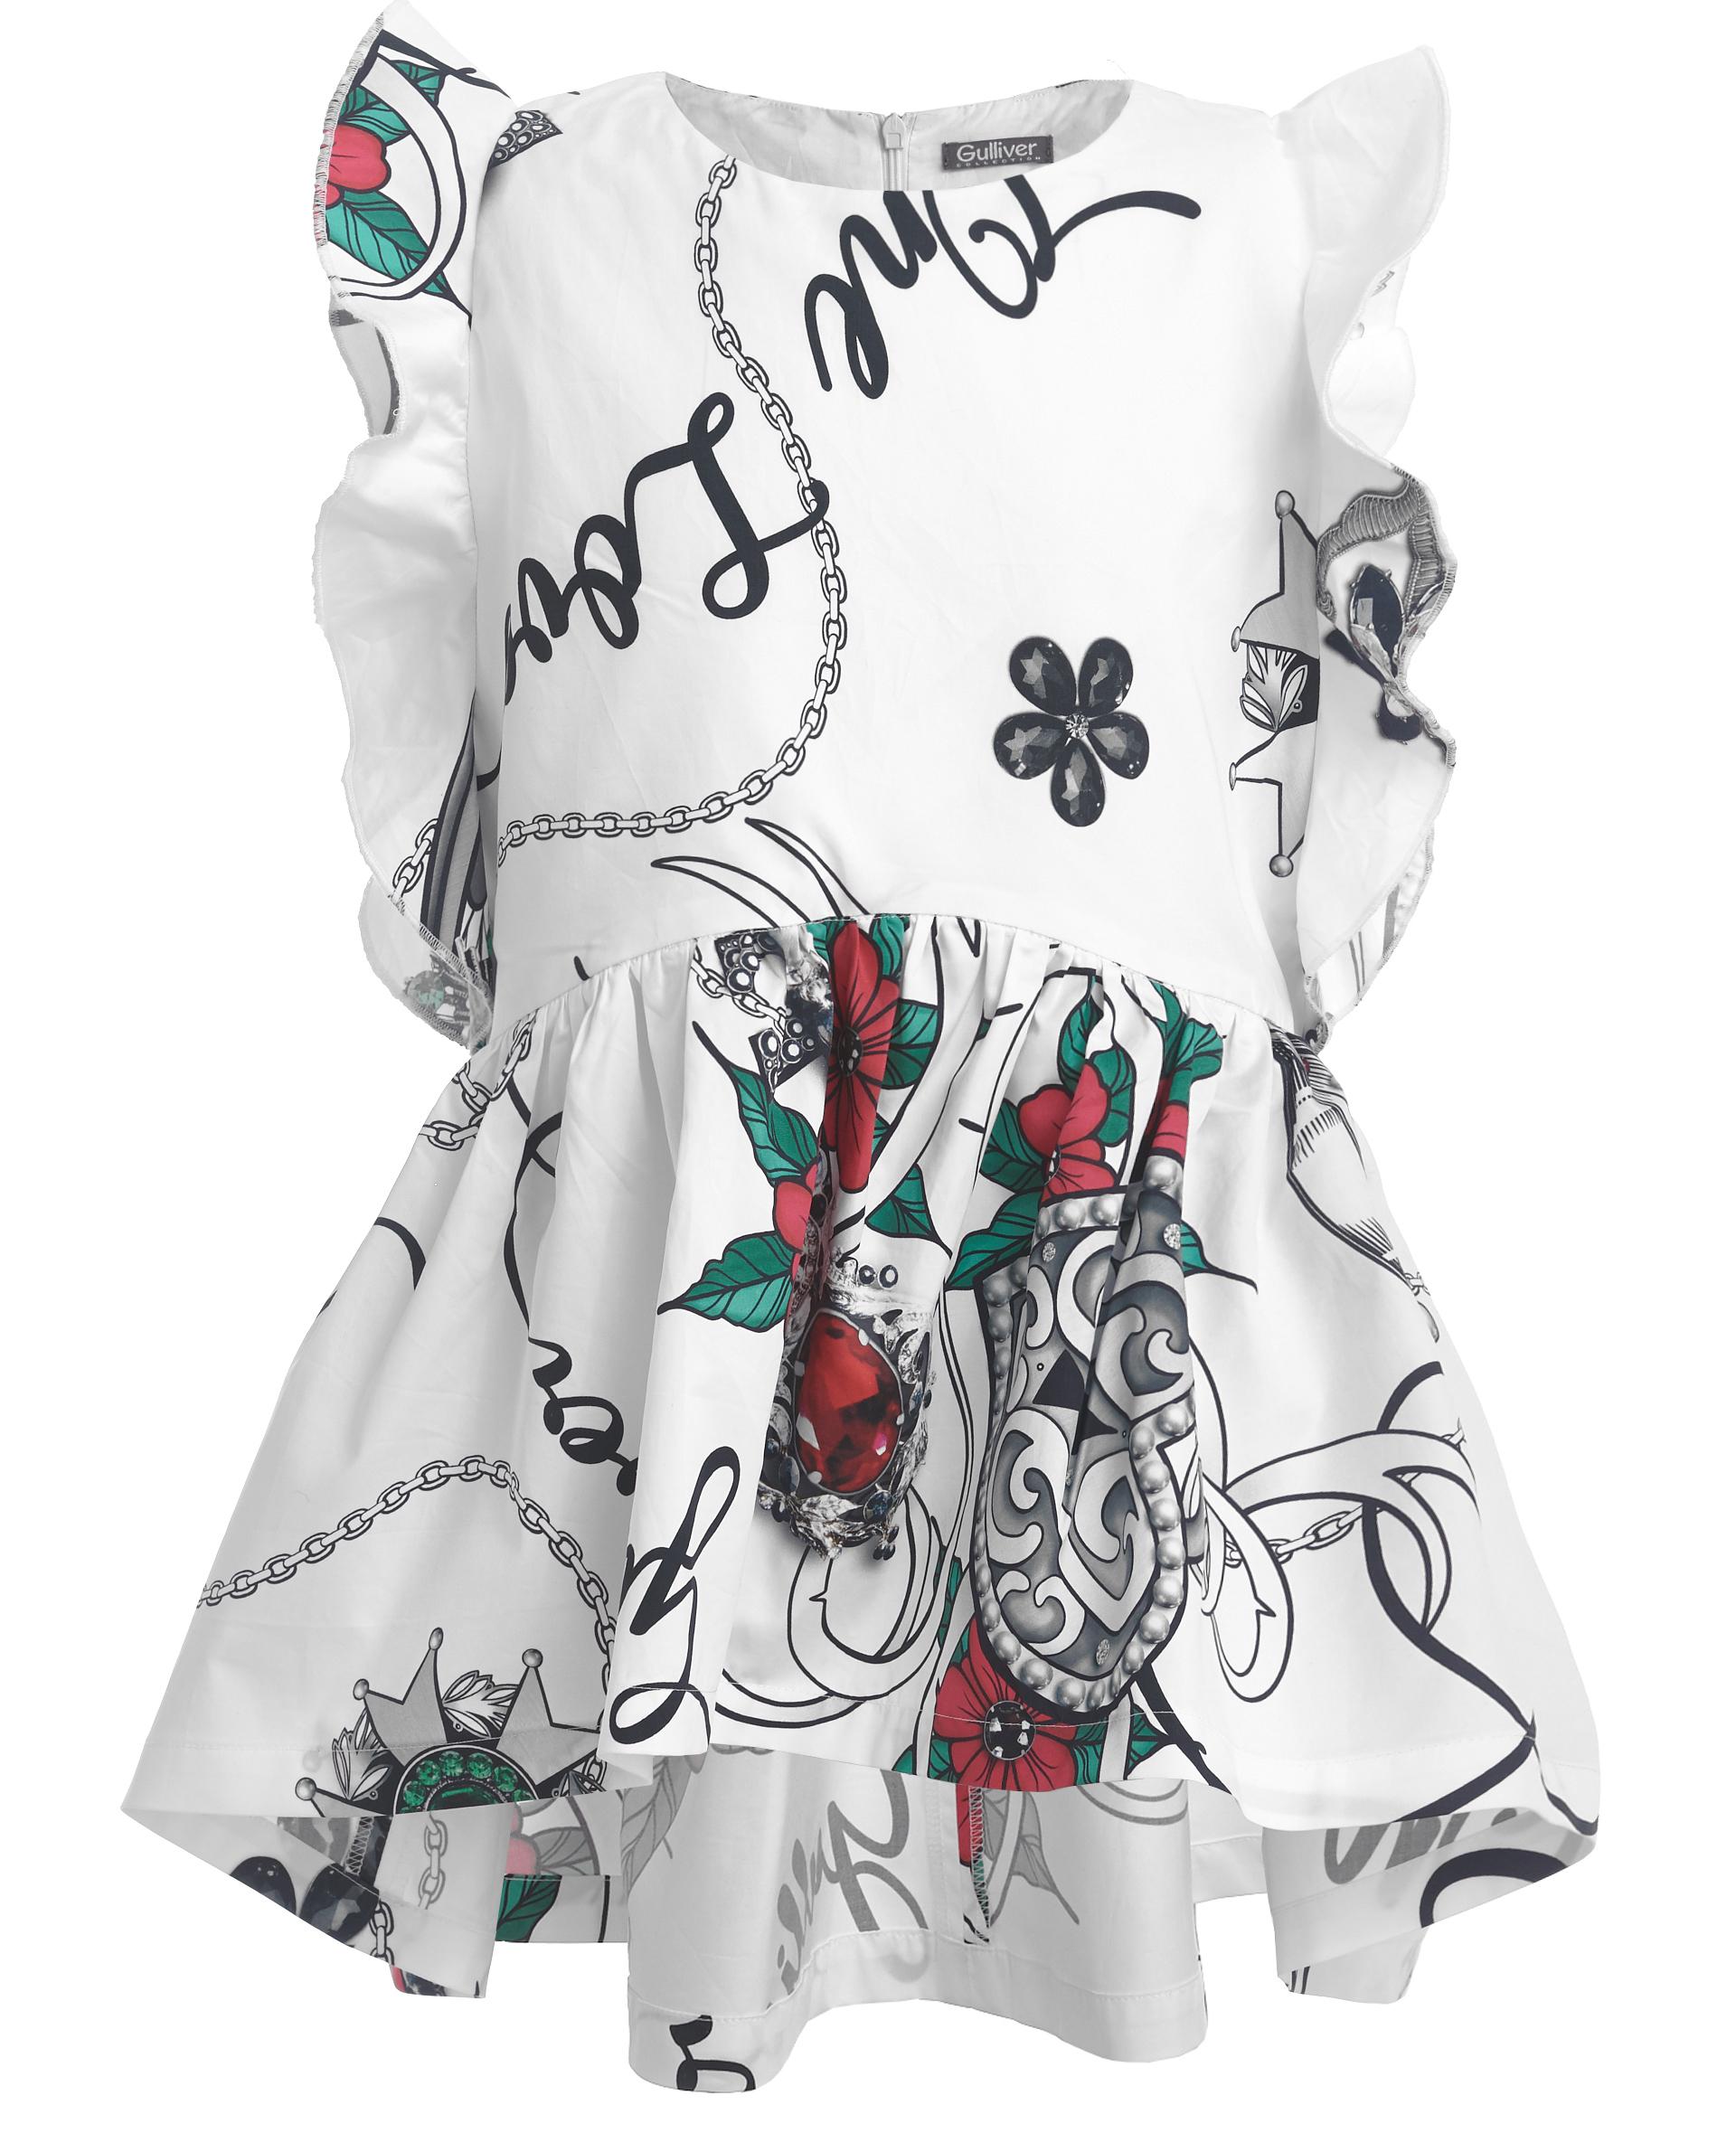 Купить 11908GJC2206, Блузка с цветочным принтом Gulliver, белый, 164, Женский, ВЕСНА/ЛЕТО 2019 (shop: GulliverMarket Gulliver Market)